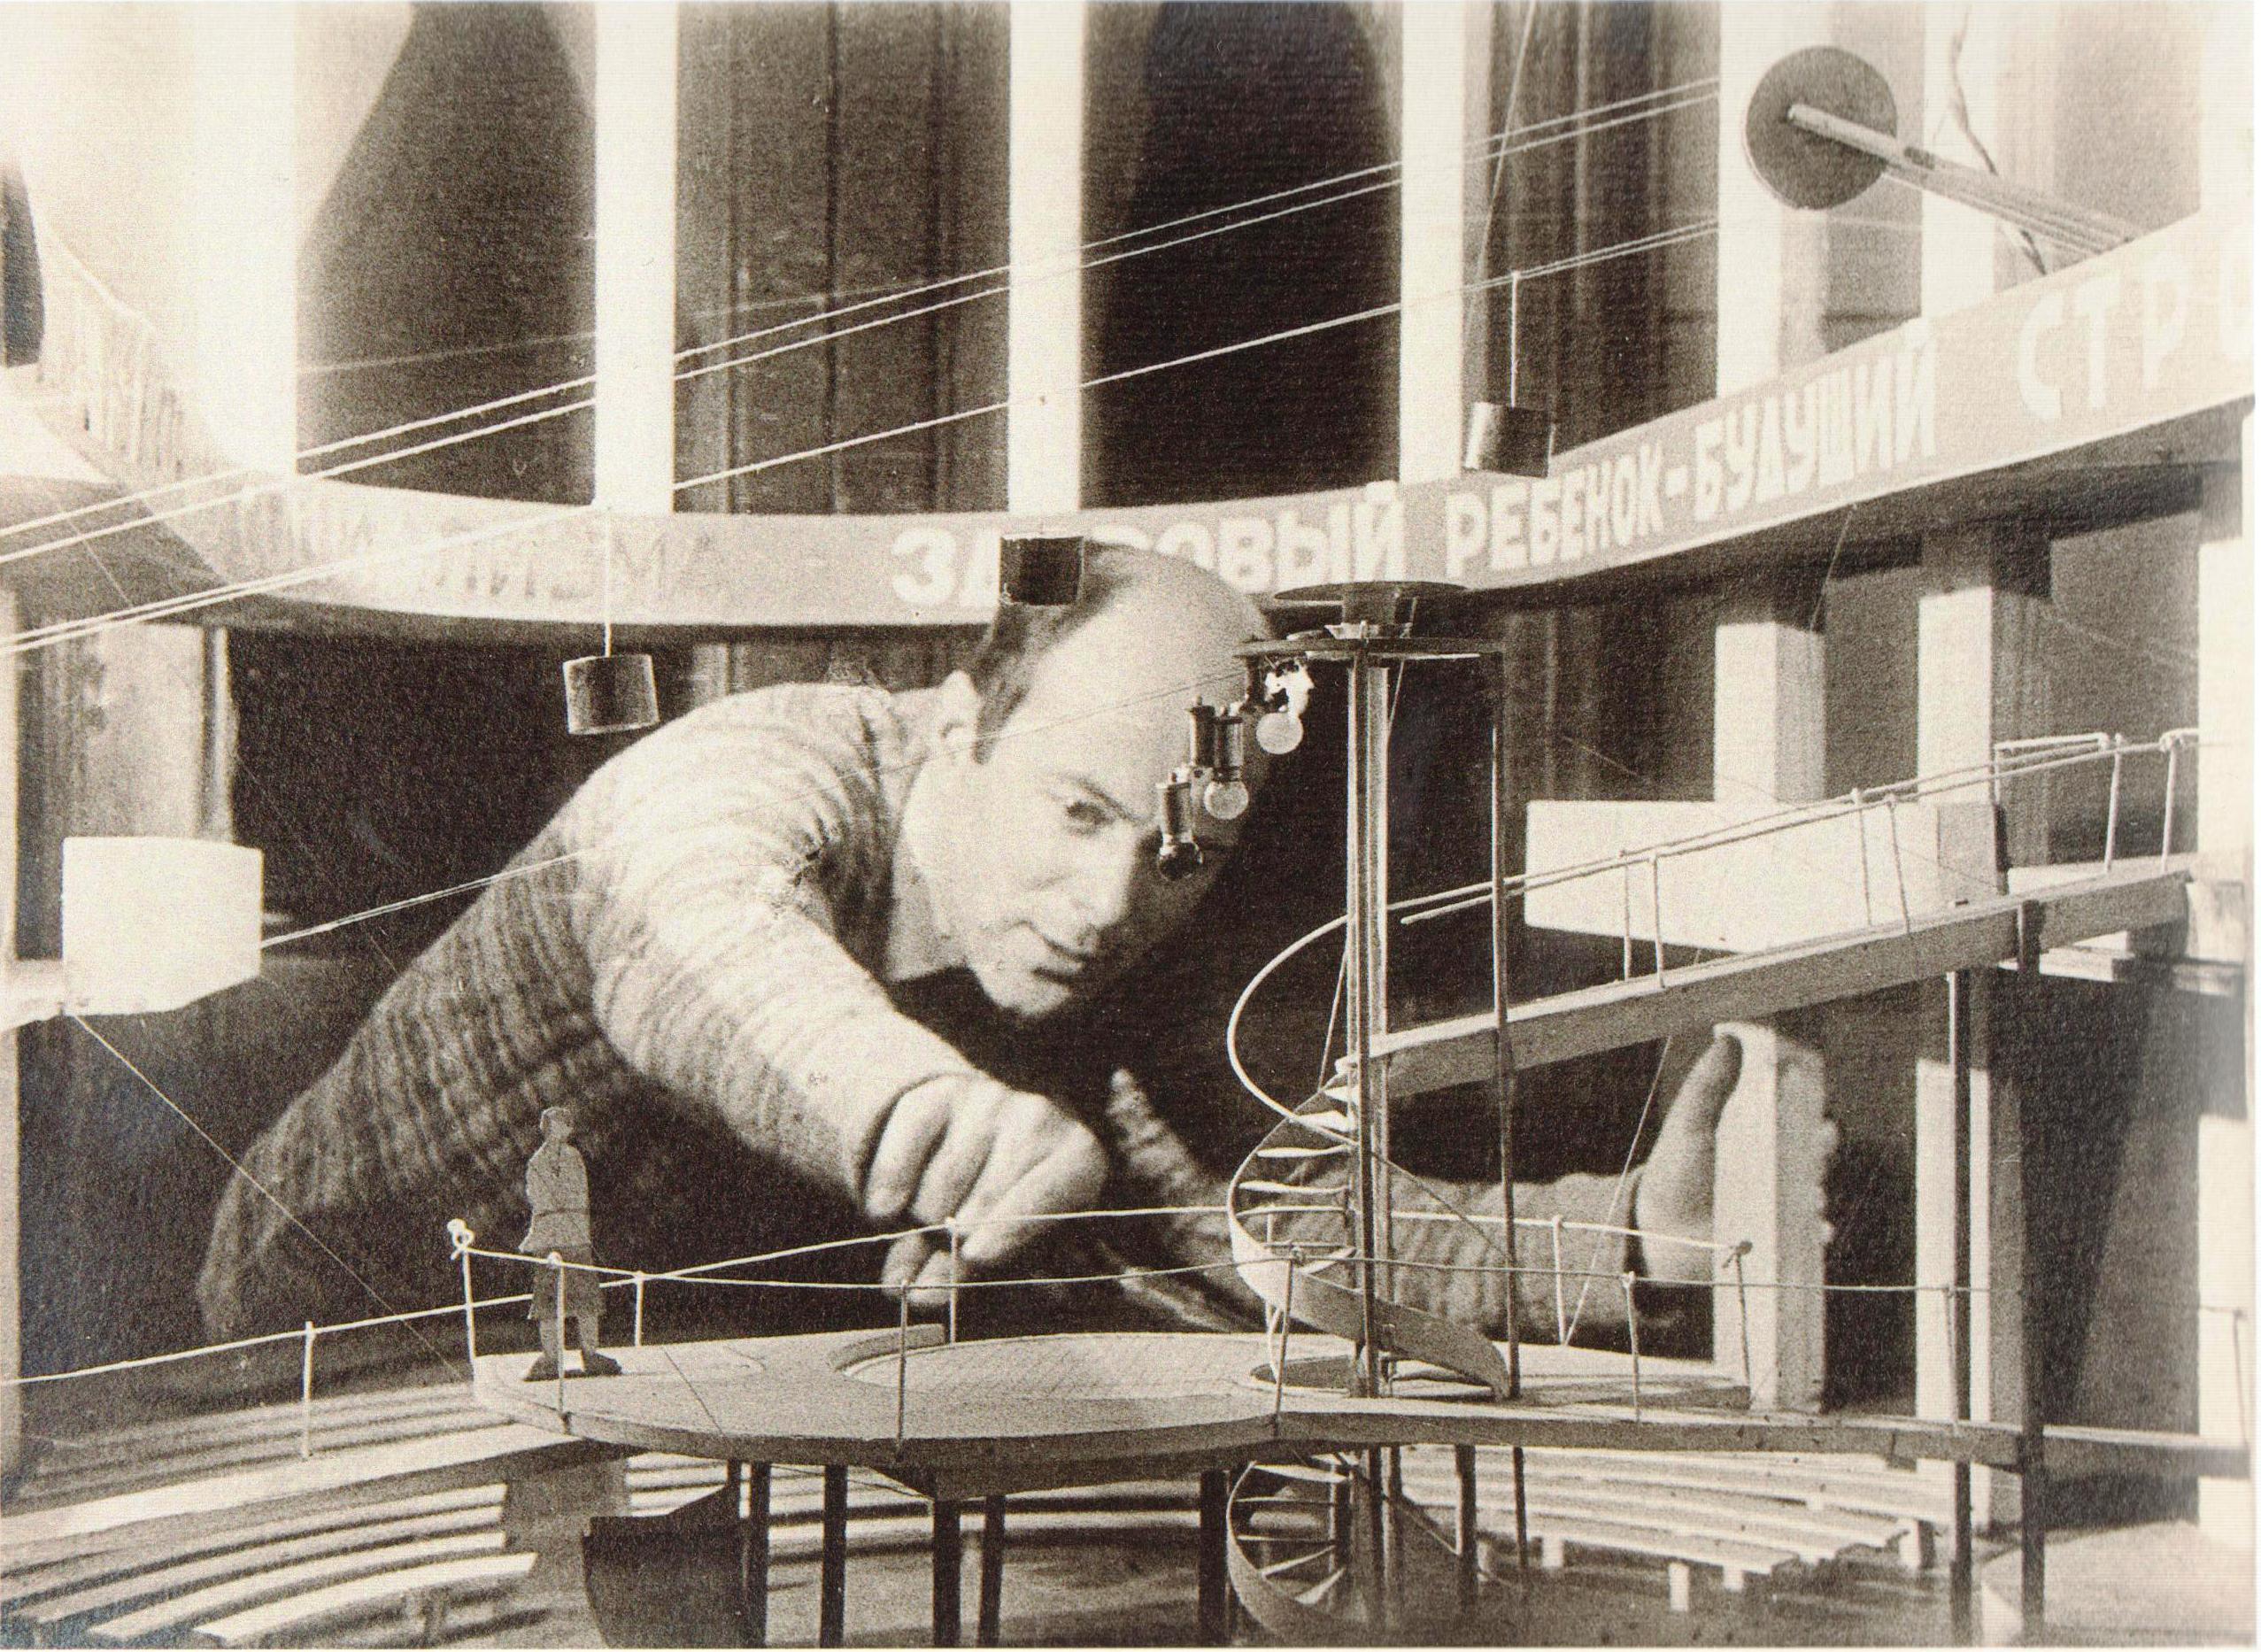 Эль Лисицкий за работой над макетом организации пространства для неосуществленной постановки театра В. Э. Мейерхольда по пьесе С. М. Третьякова %22Хочу ребенка%22. 1928a